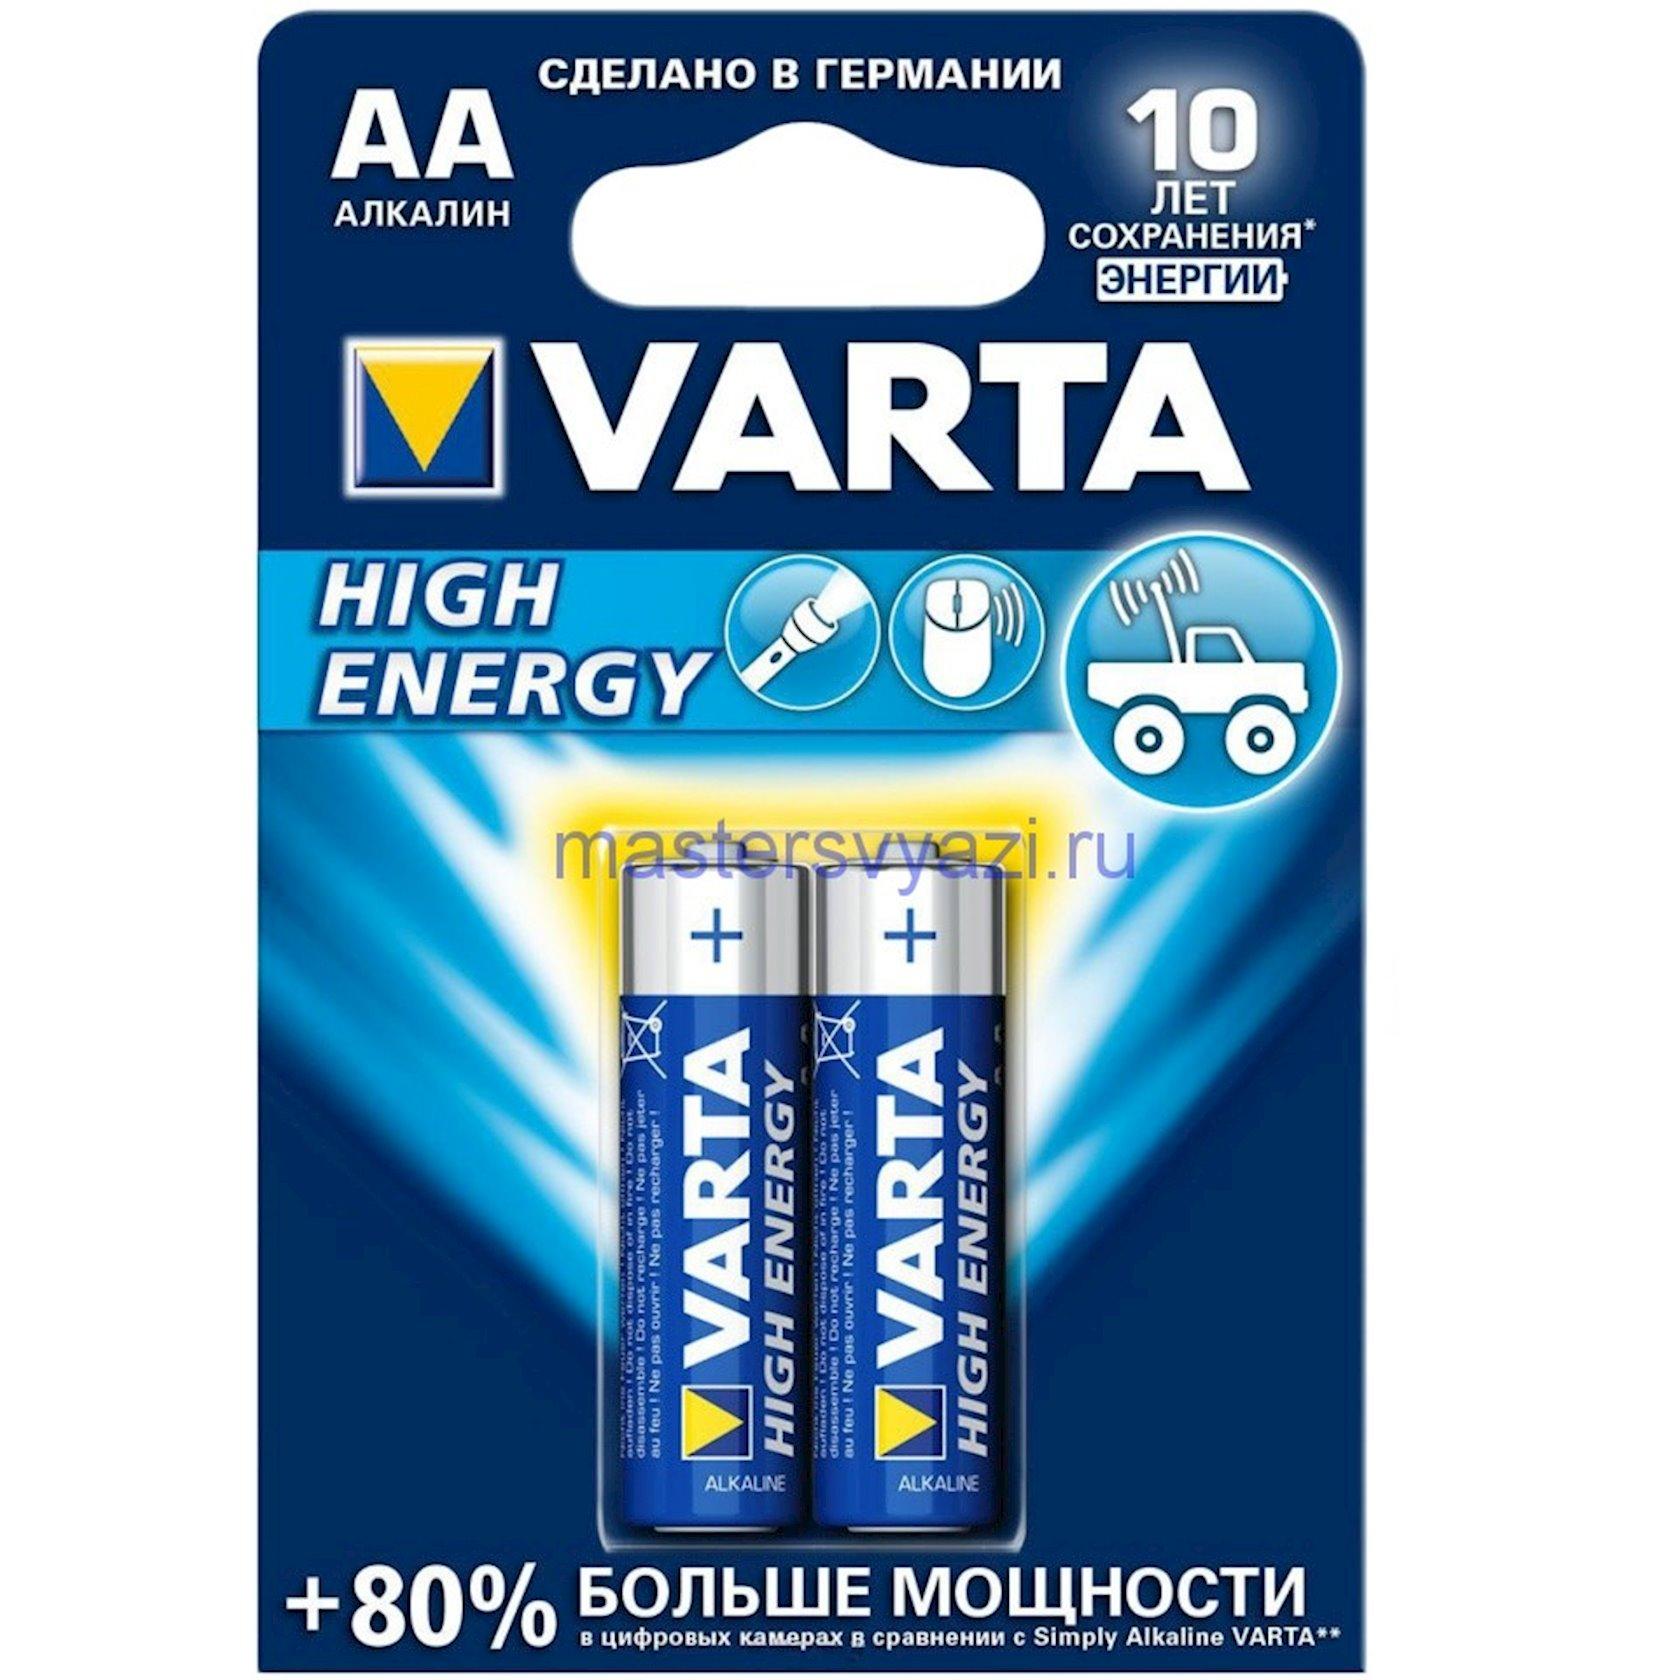 Batareya Varta High Energy 4906 AA 1.5 V, 2 əd